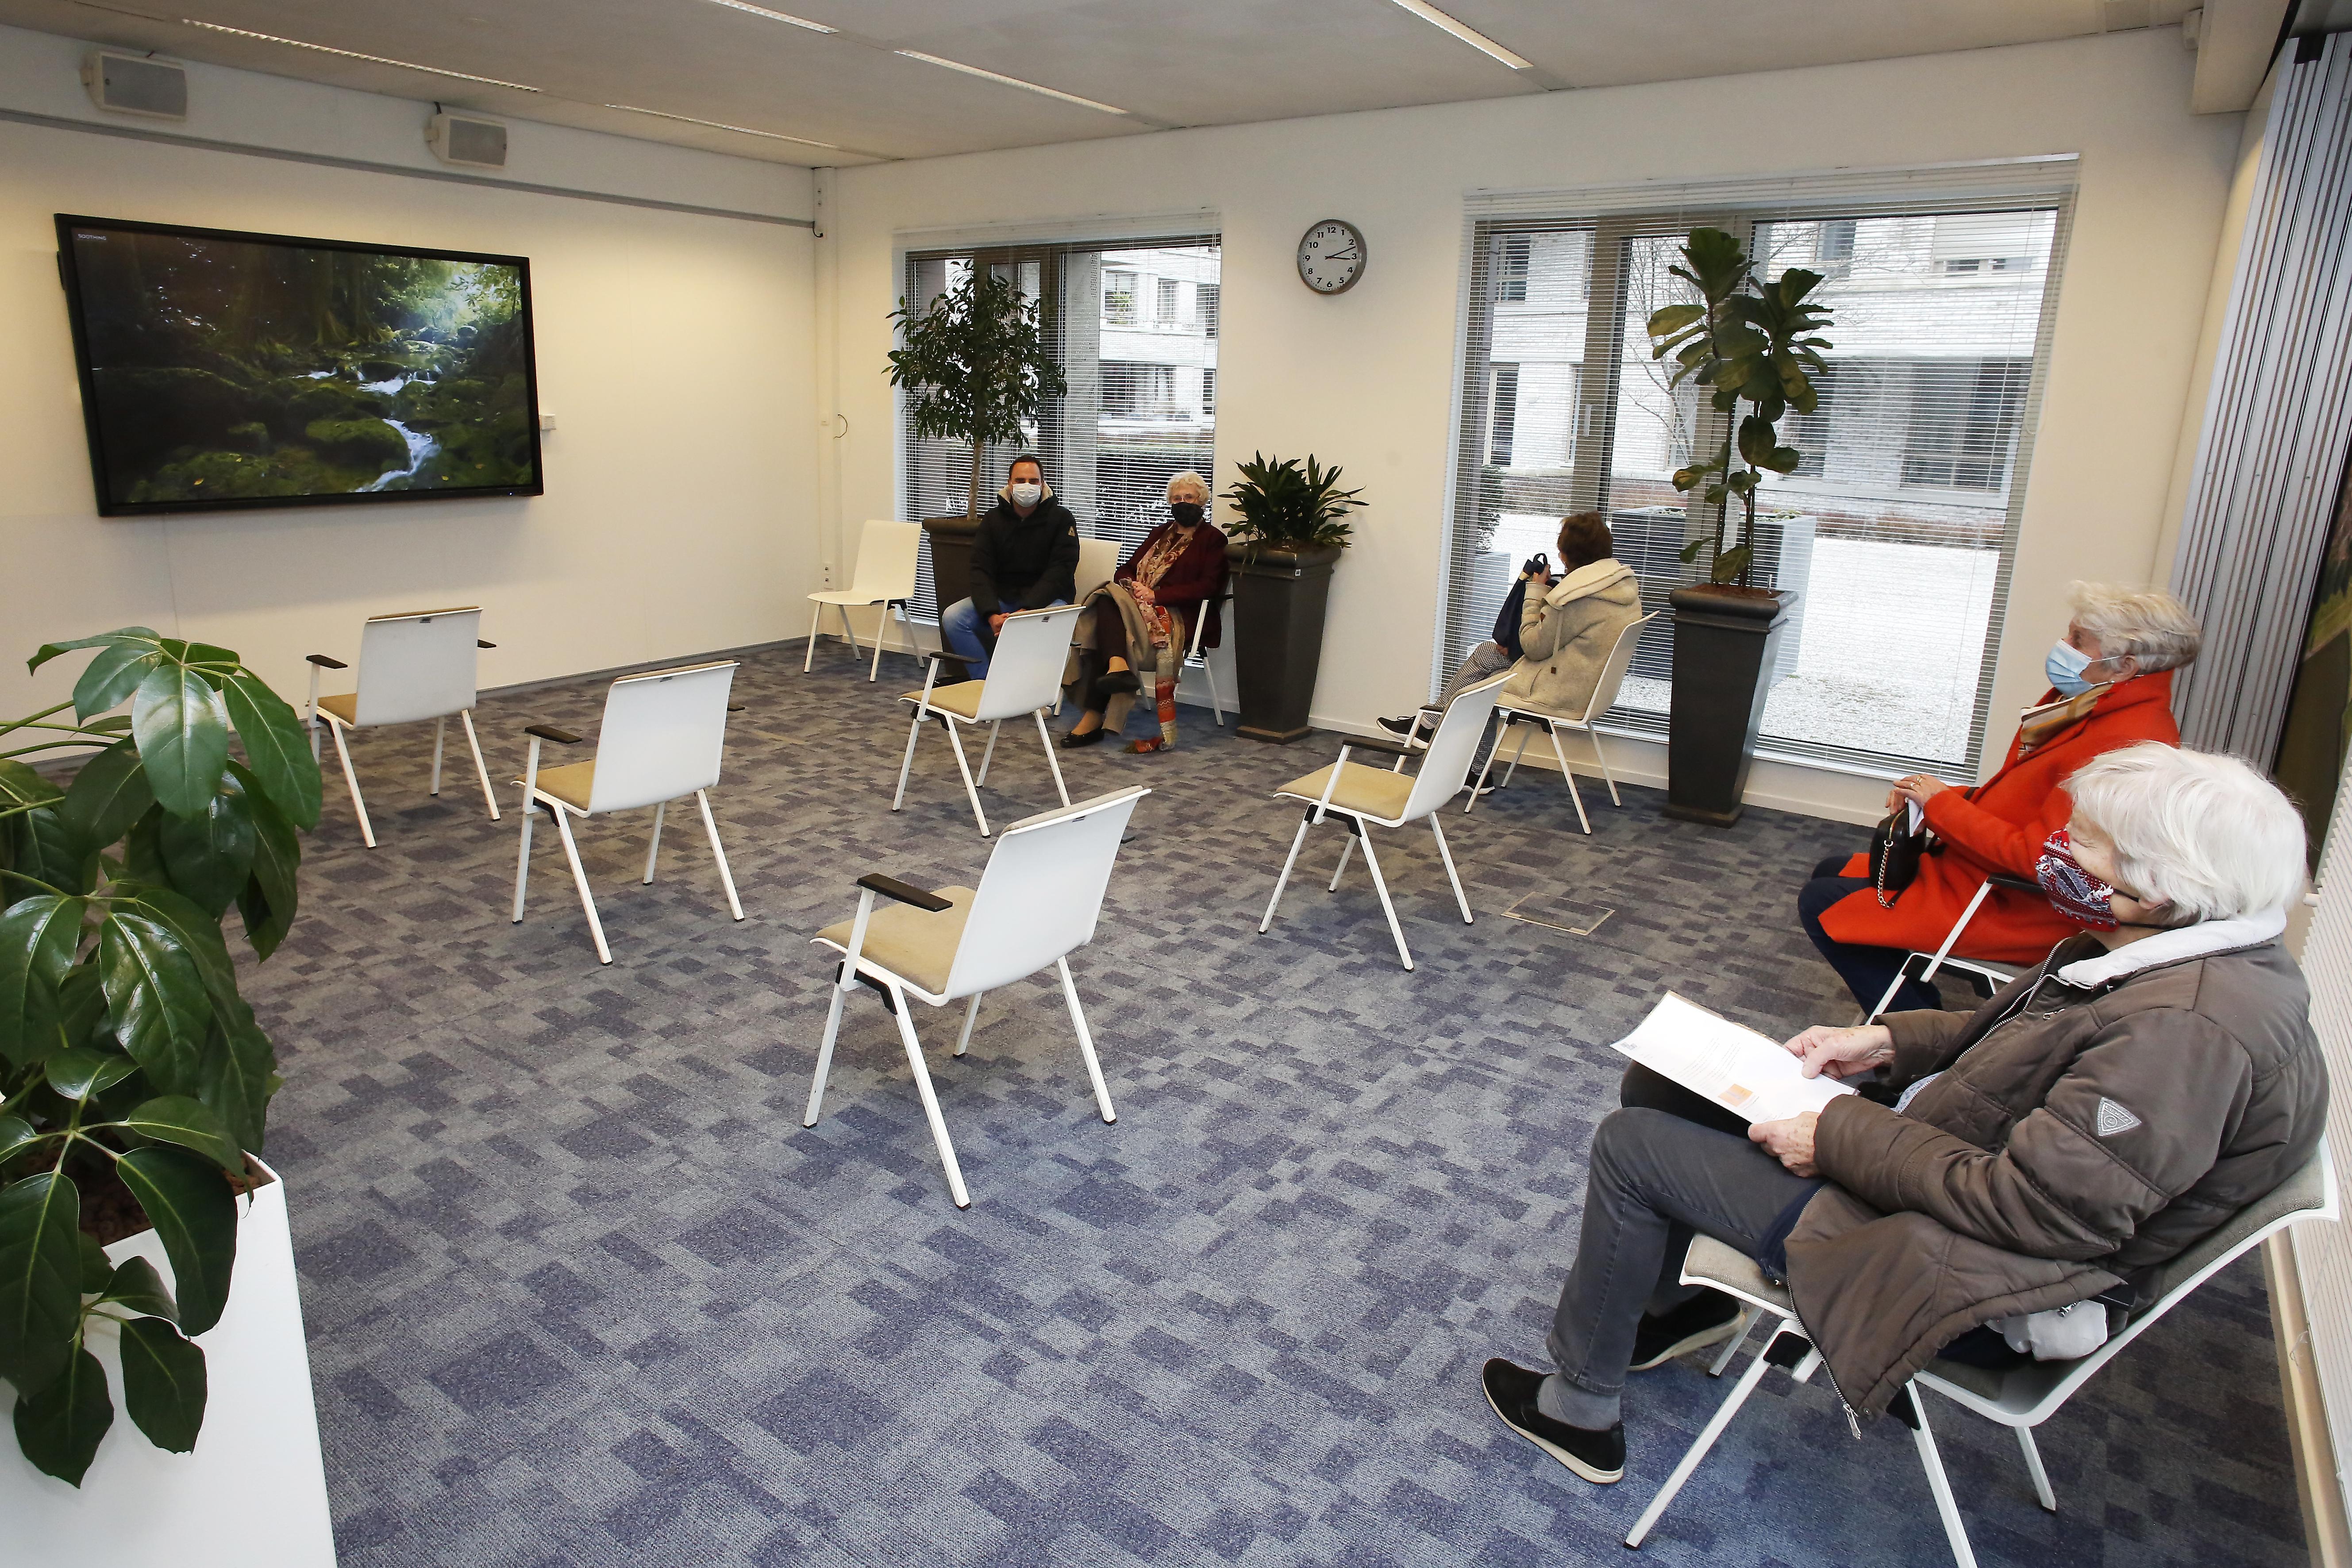 Bij GGD in Bussum geen koukleumende ouderen buiten; Aan de arm mee naar binnen en wachtruimte met rustgevende natuurbeelden